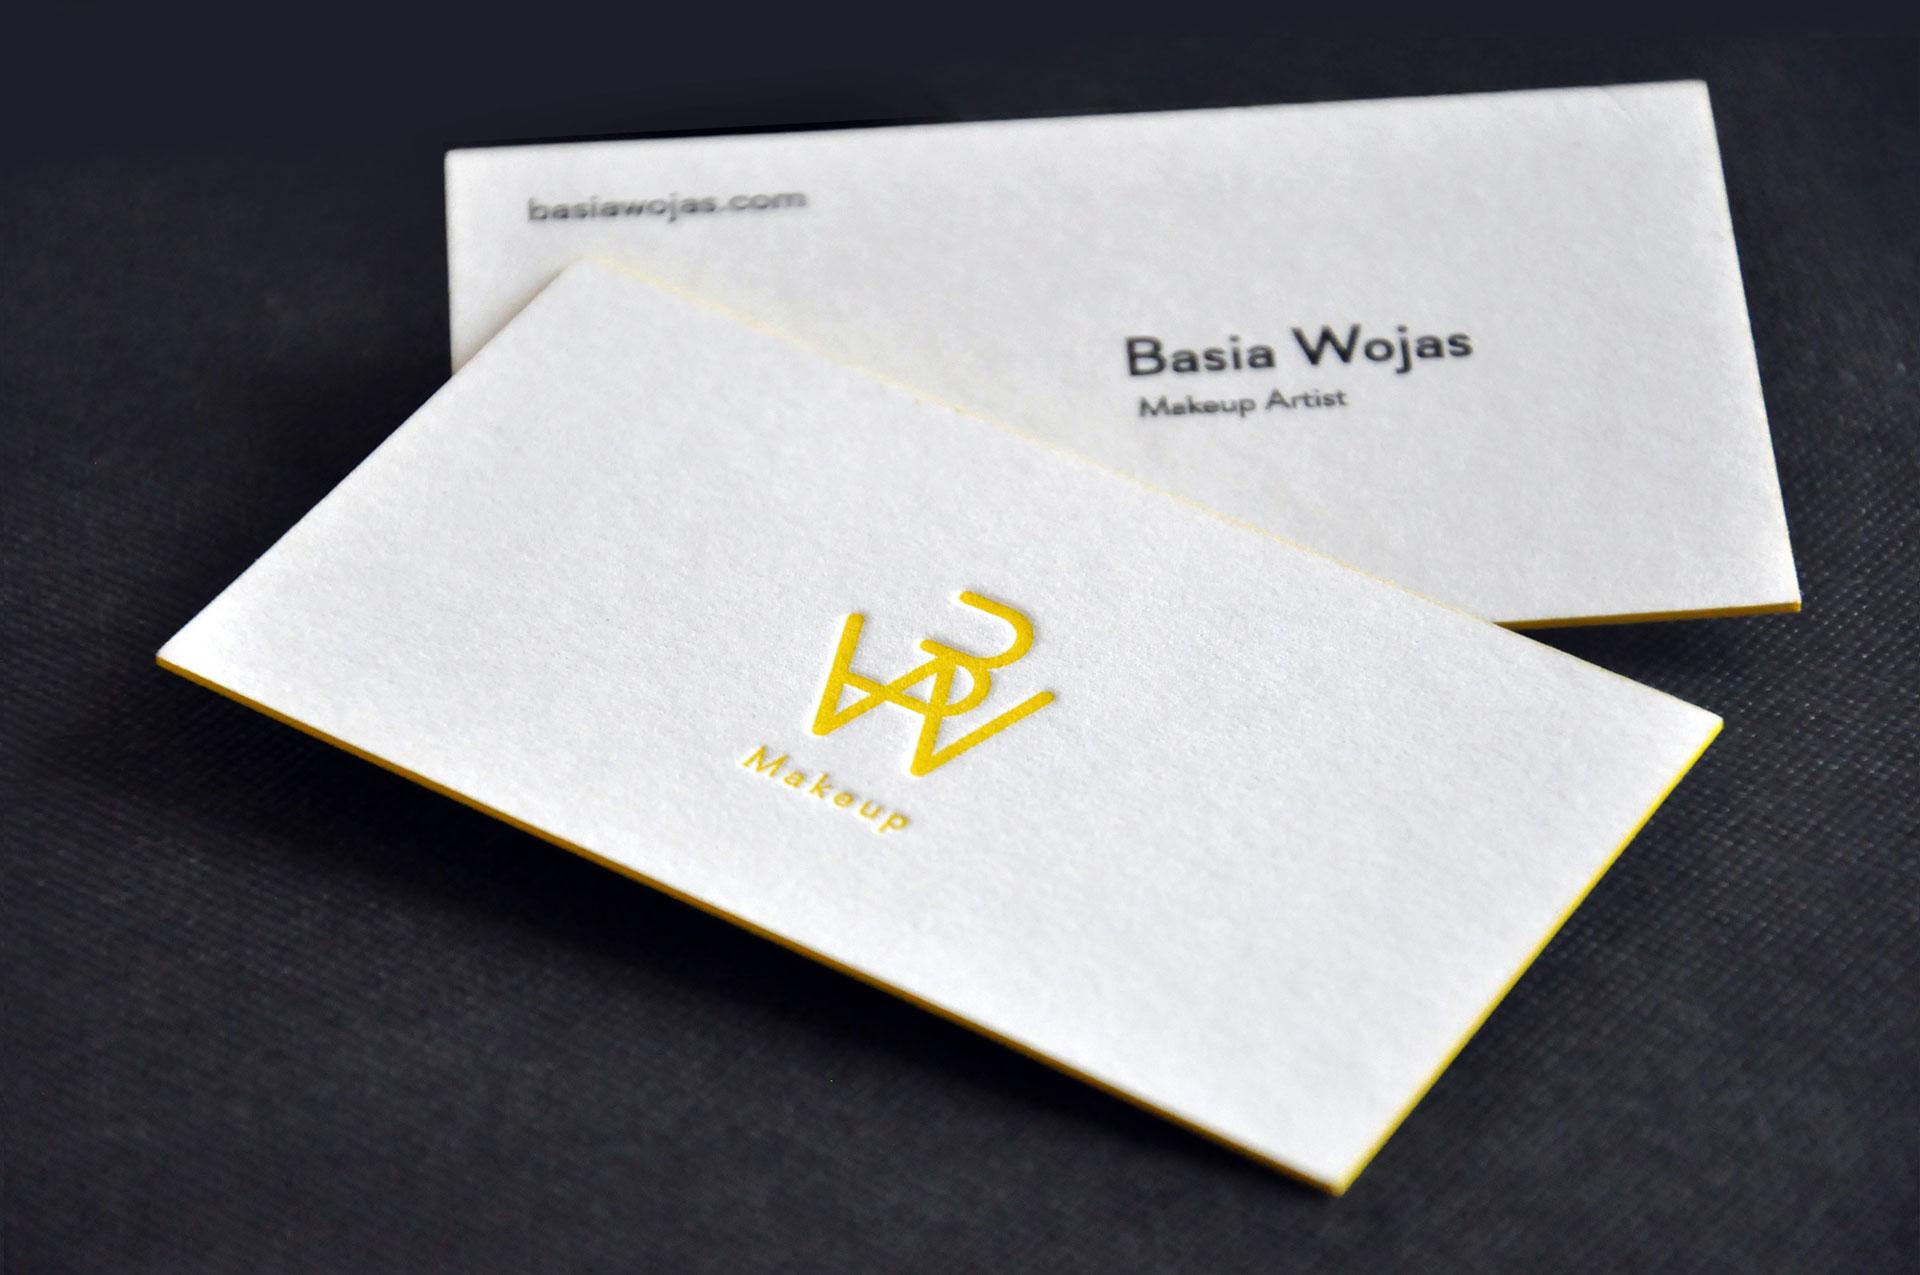 Basia Wojas Branding (1)